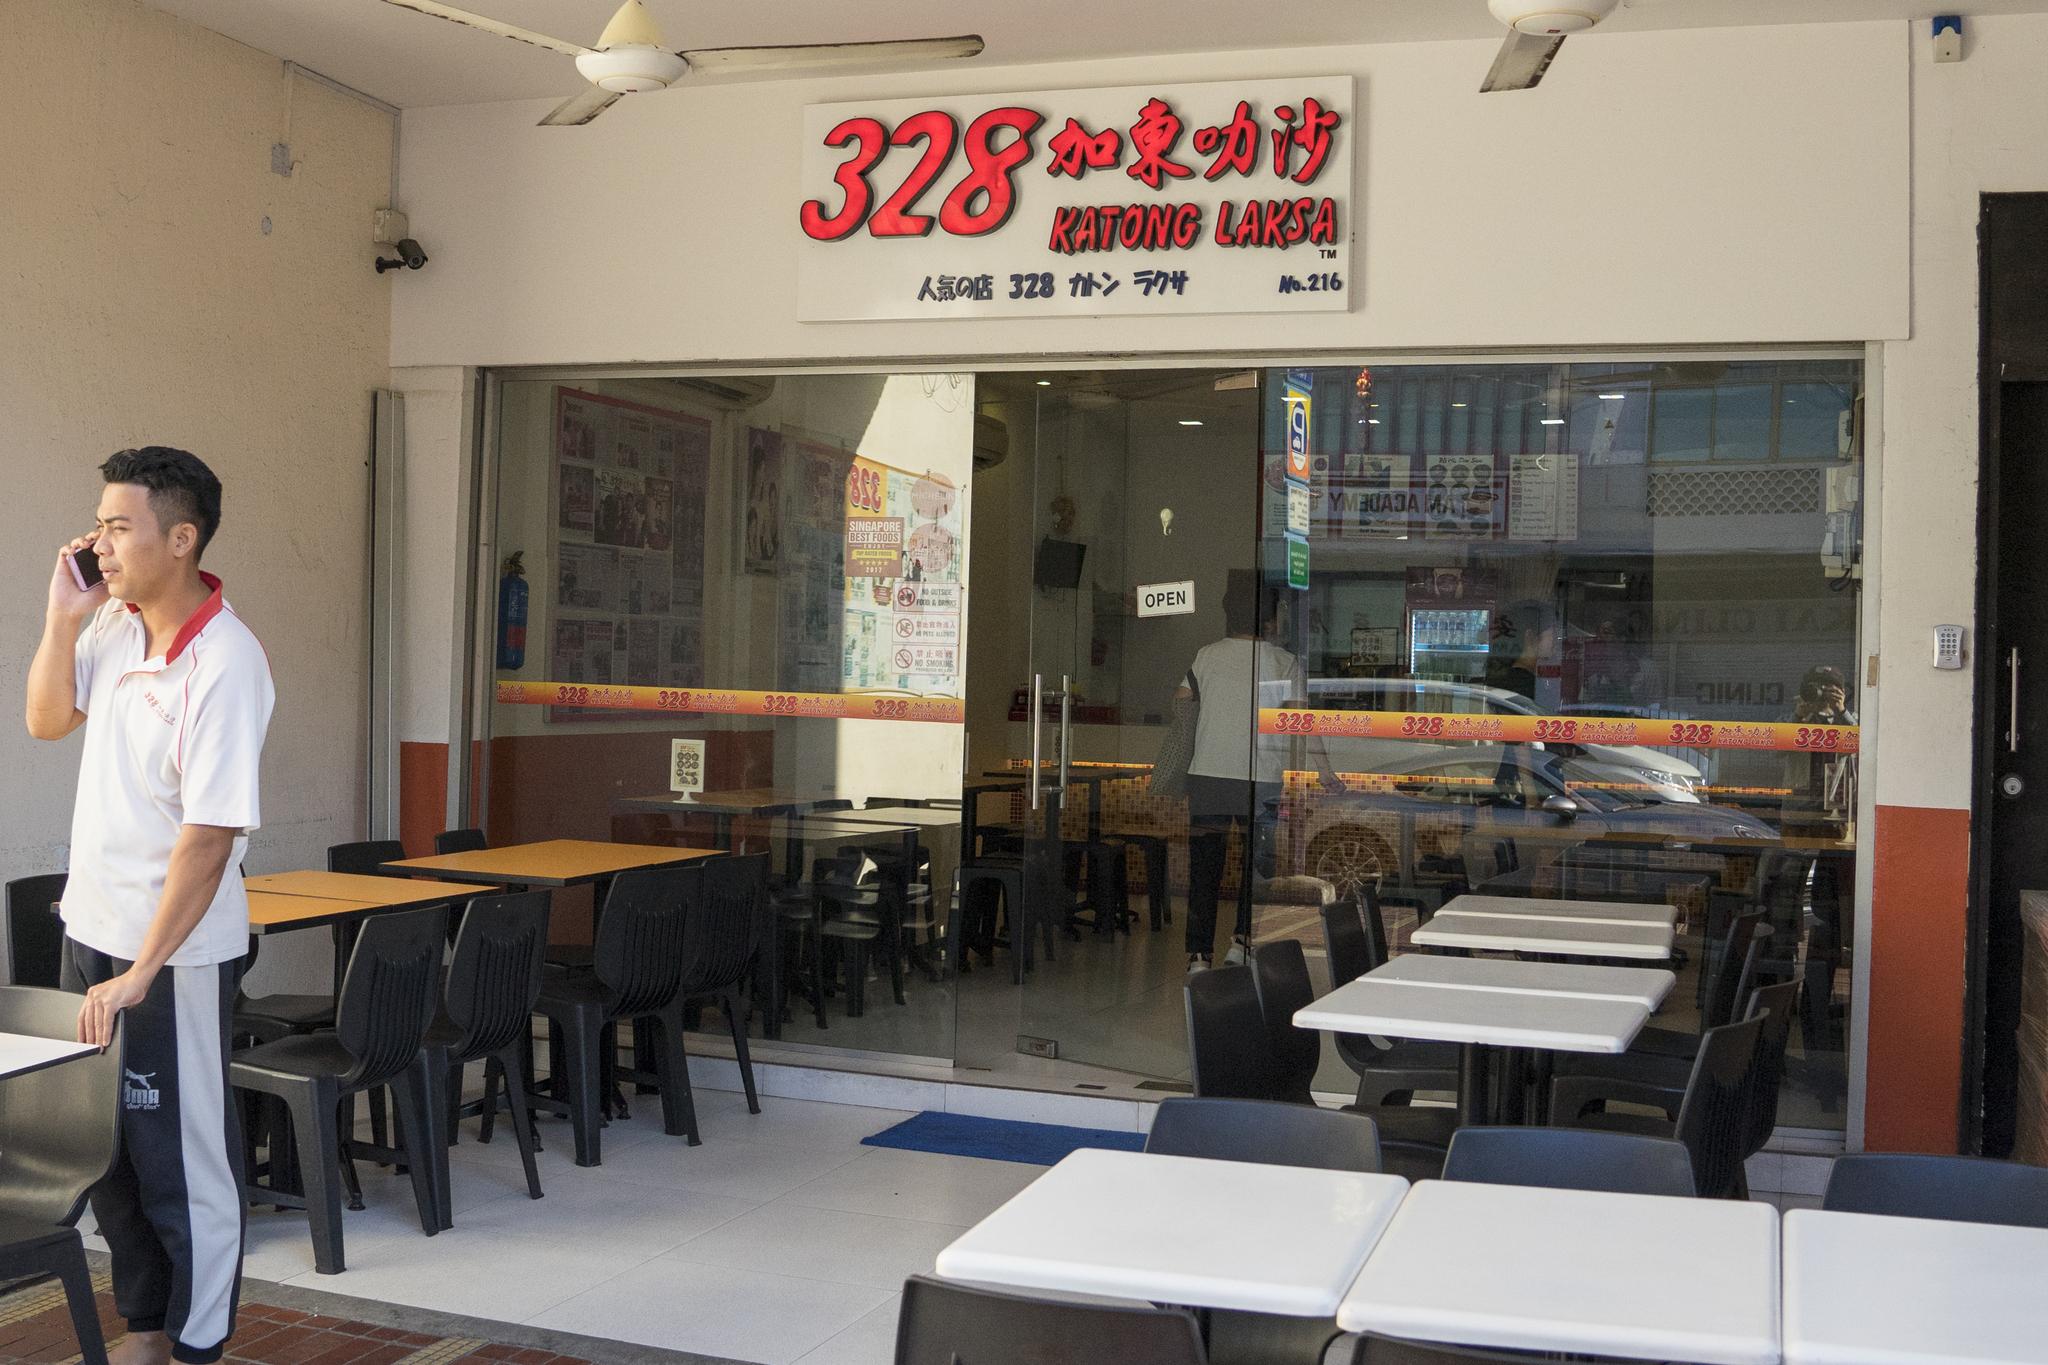 카통 지역을 대표하는 맛집 328 카통 락사. 백종현 기자